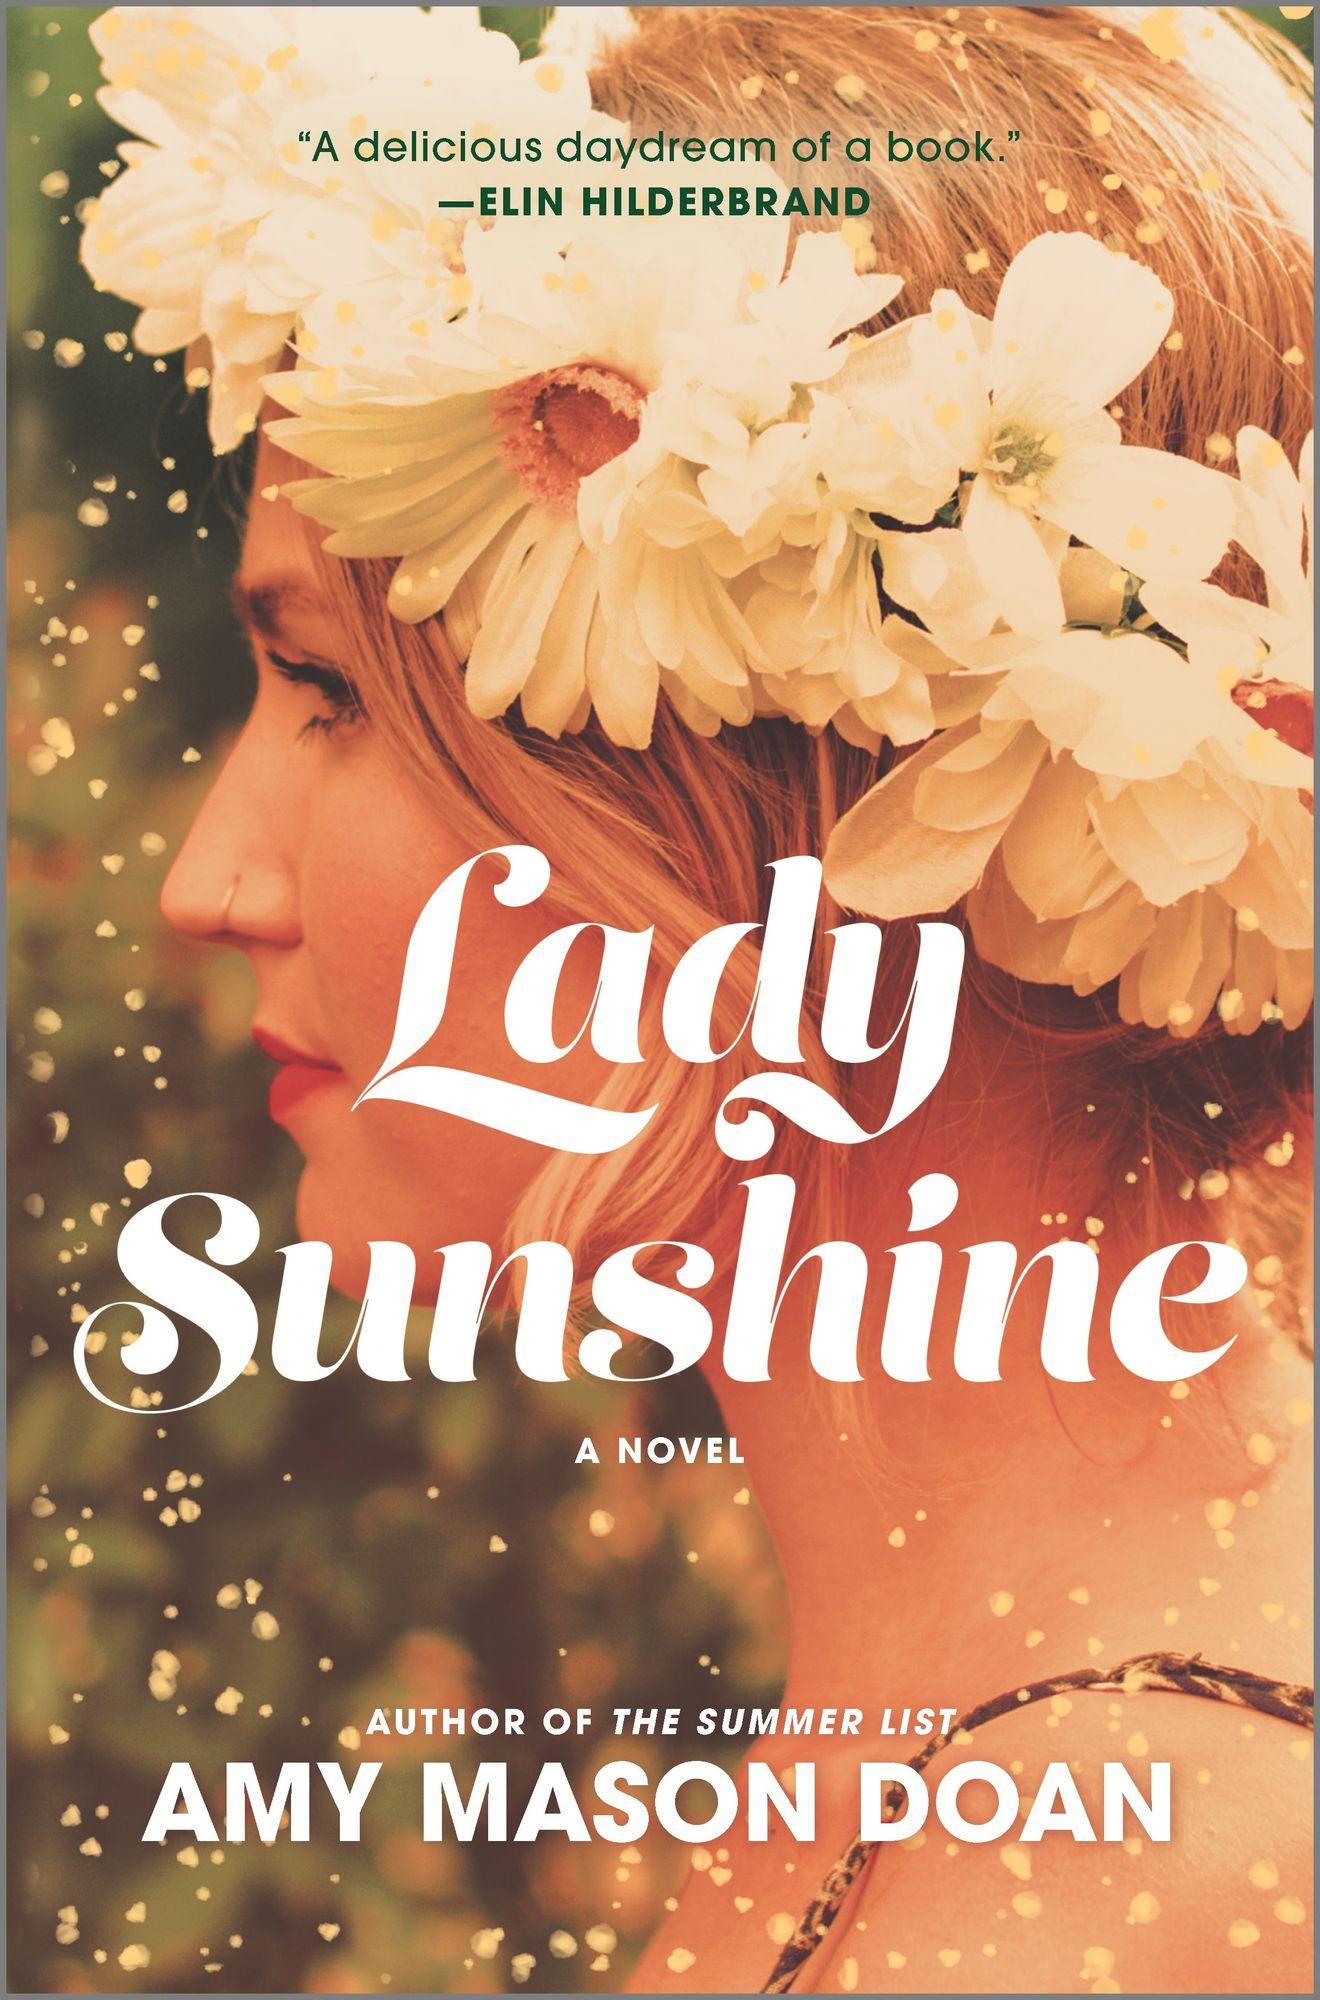 Lady Sunshine by Amy Mason Doan